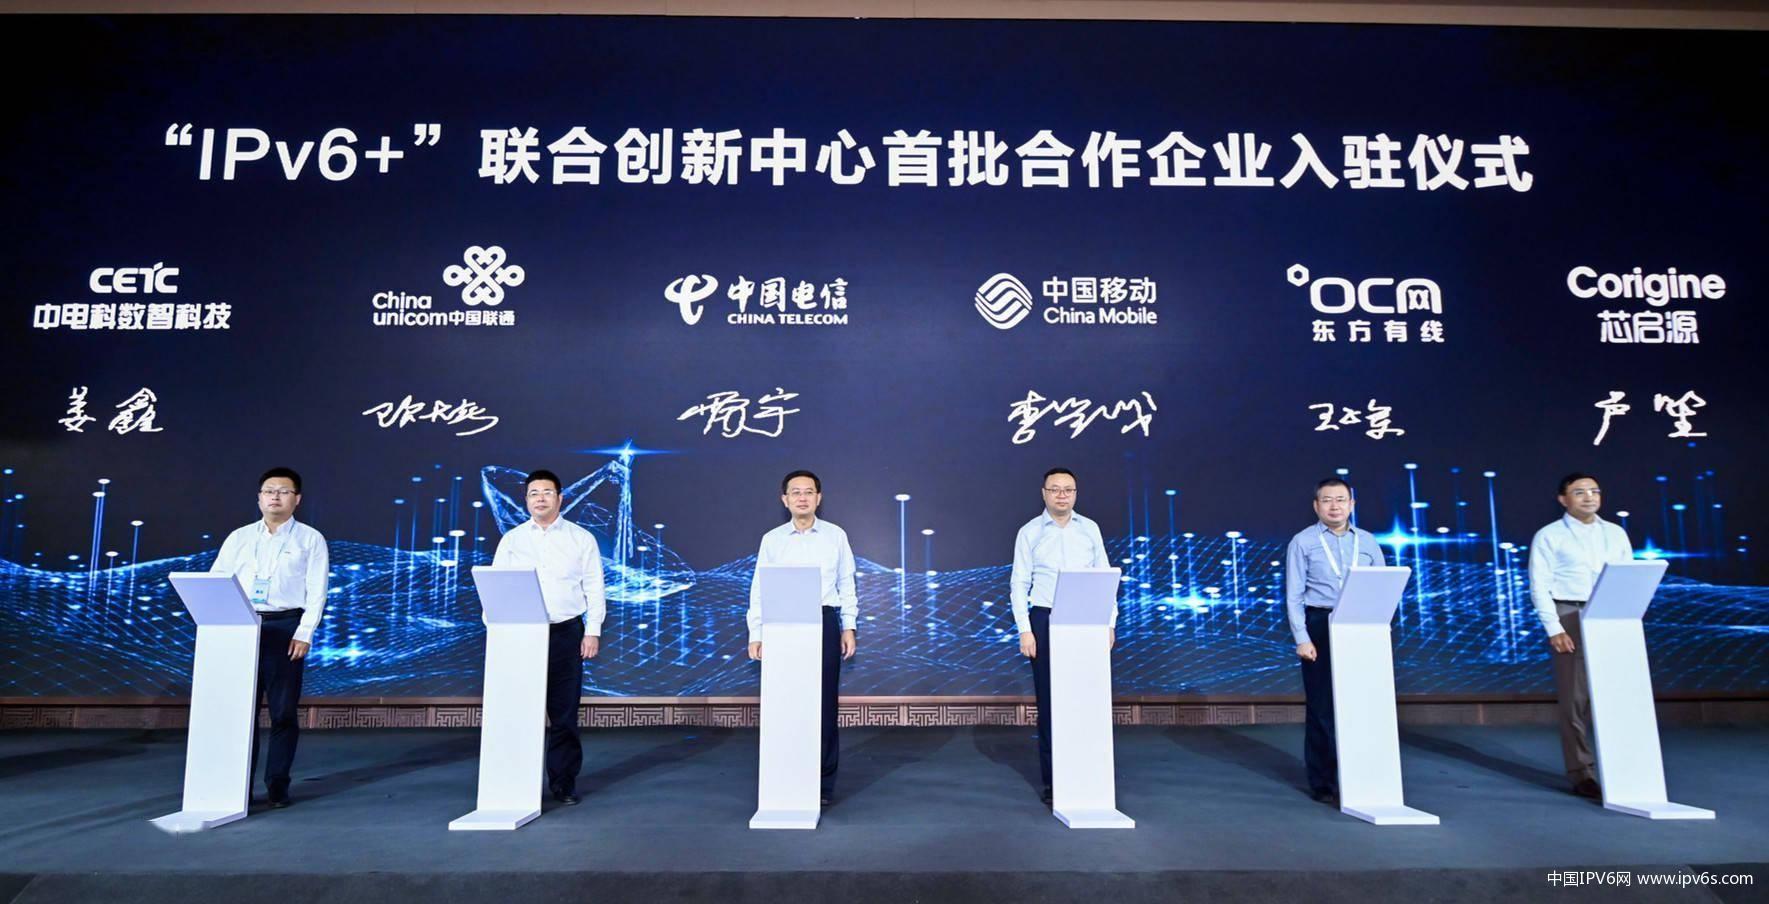 足够给地球上每一颗沙子分配一个网址!这种网络的部署,中国领先,上海领跑